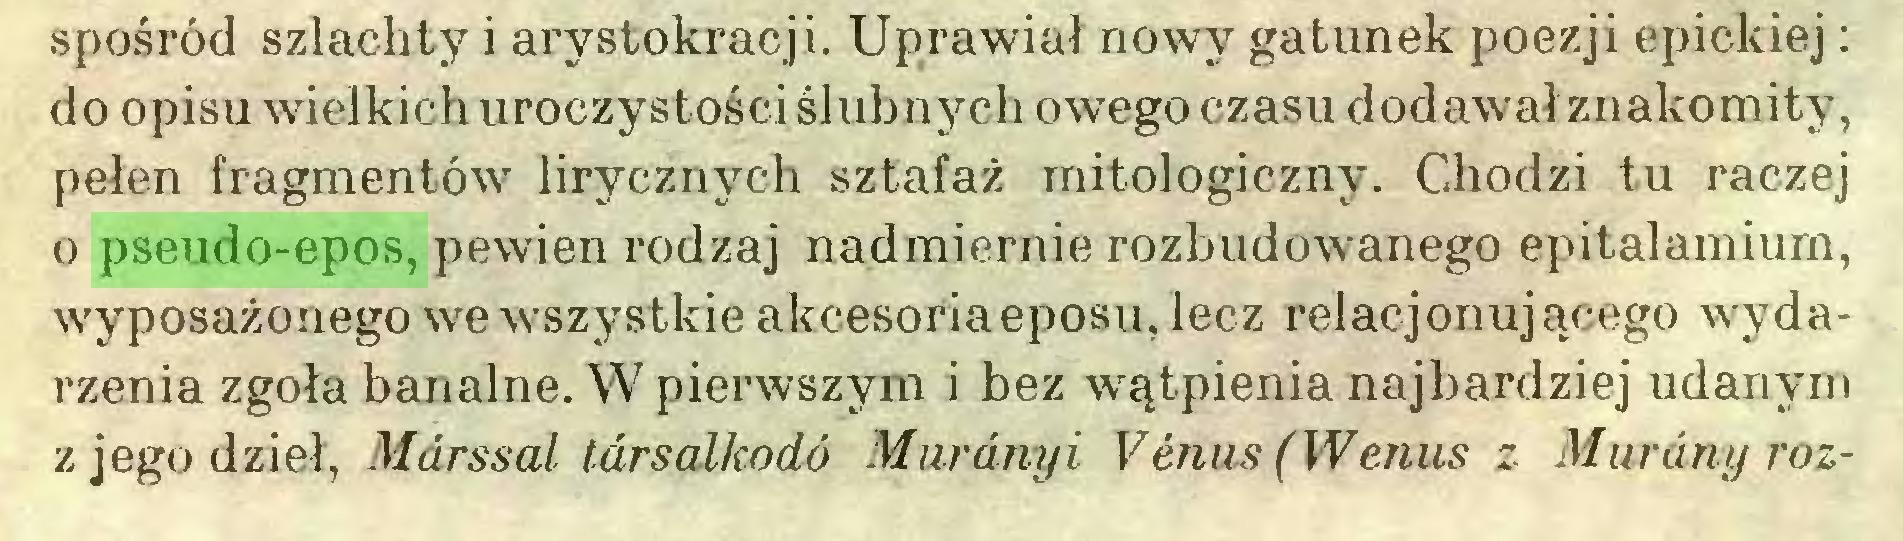 (...) spośród szlachty i arystokracji. Uprawiał nowy gatunek poezji epickiej : do opisu wielkich uroczystości ślubnych owego czasu dodawał znakomity, pełen fragmentów lirycznych sztafaż mitologiczny. Chodzi tu raczej o pseudo-epos, pewien rodzaj nadmiernie rozbudowanego epitalamium, wyposażonego we wszystkie akcesoriaeposu,lecz relacjonującego wydarzenia zgoła banalne. W pierwszym i bez wątpienia najbardziej udanym z jego dzieł, Mdrssal tarsalkodó Murânyi Vénus (Wenus z Murany roz...